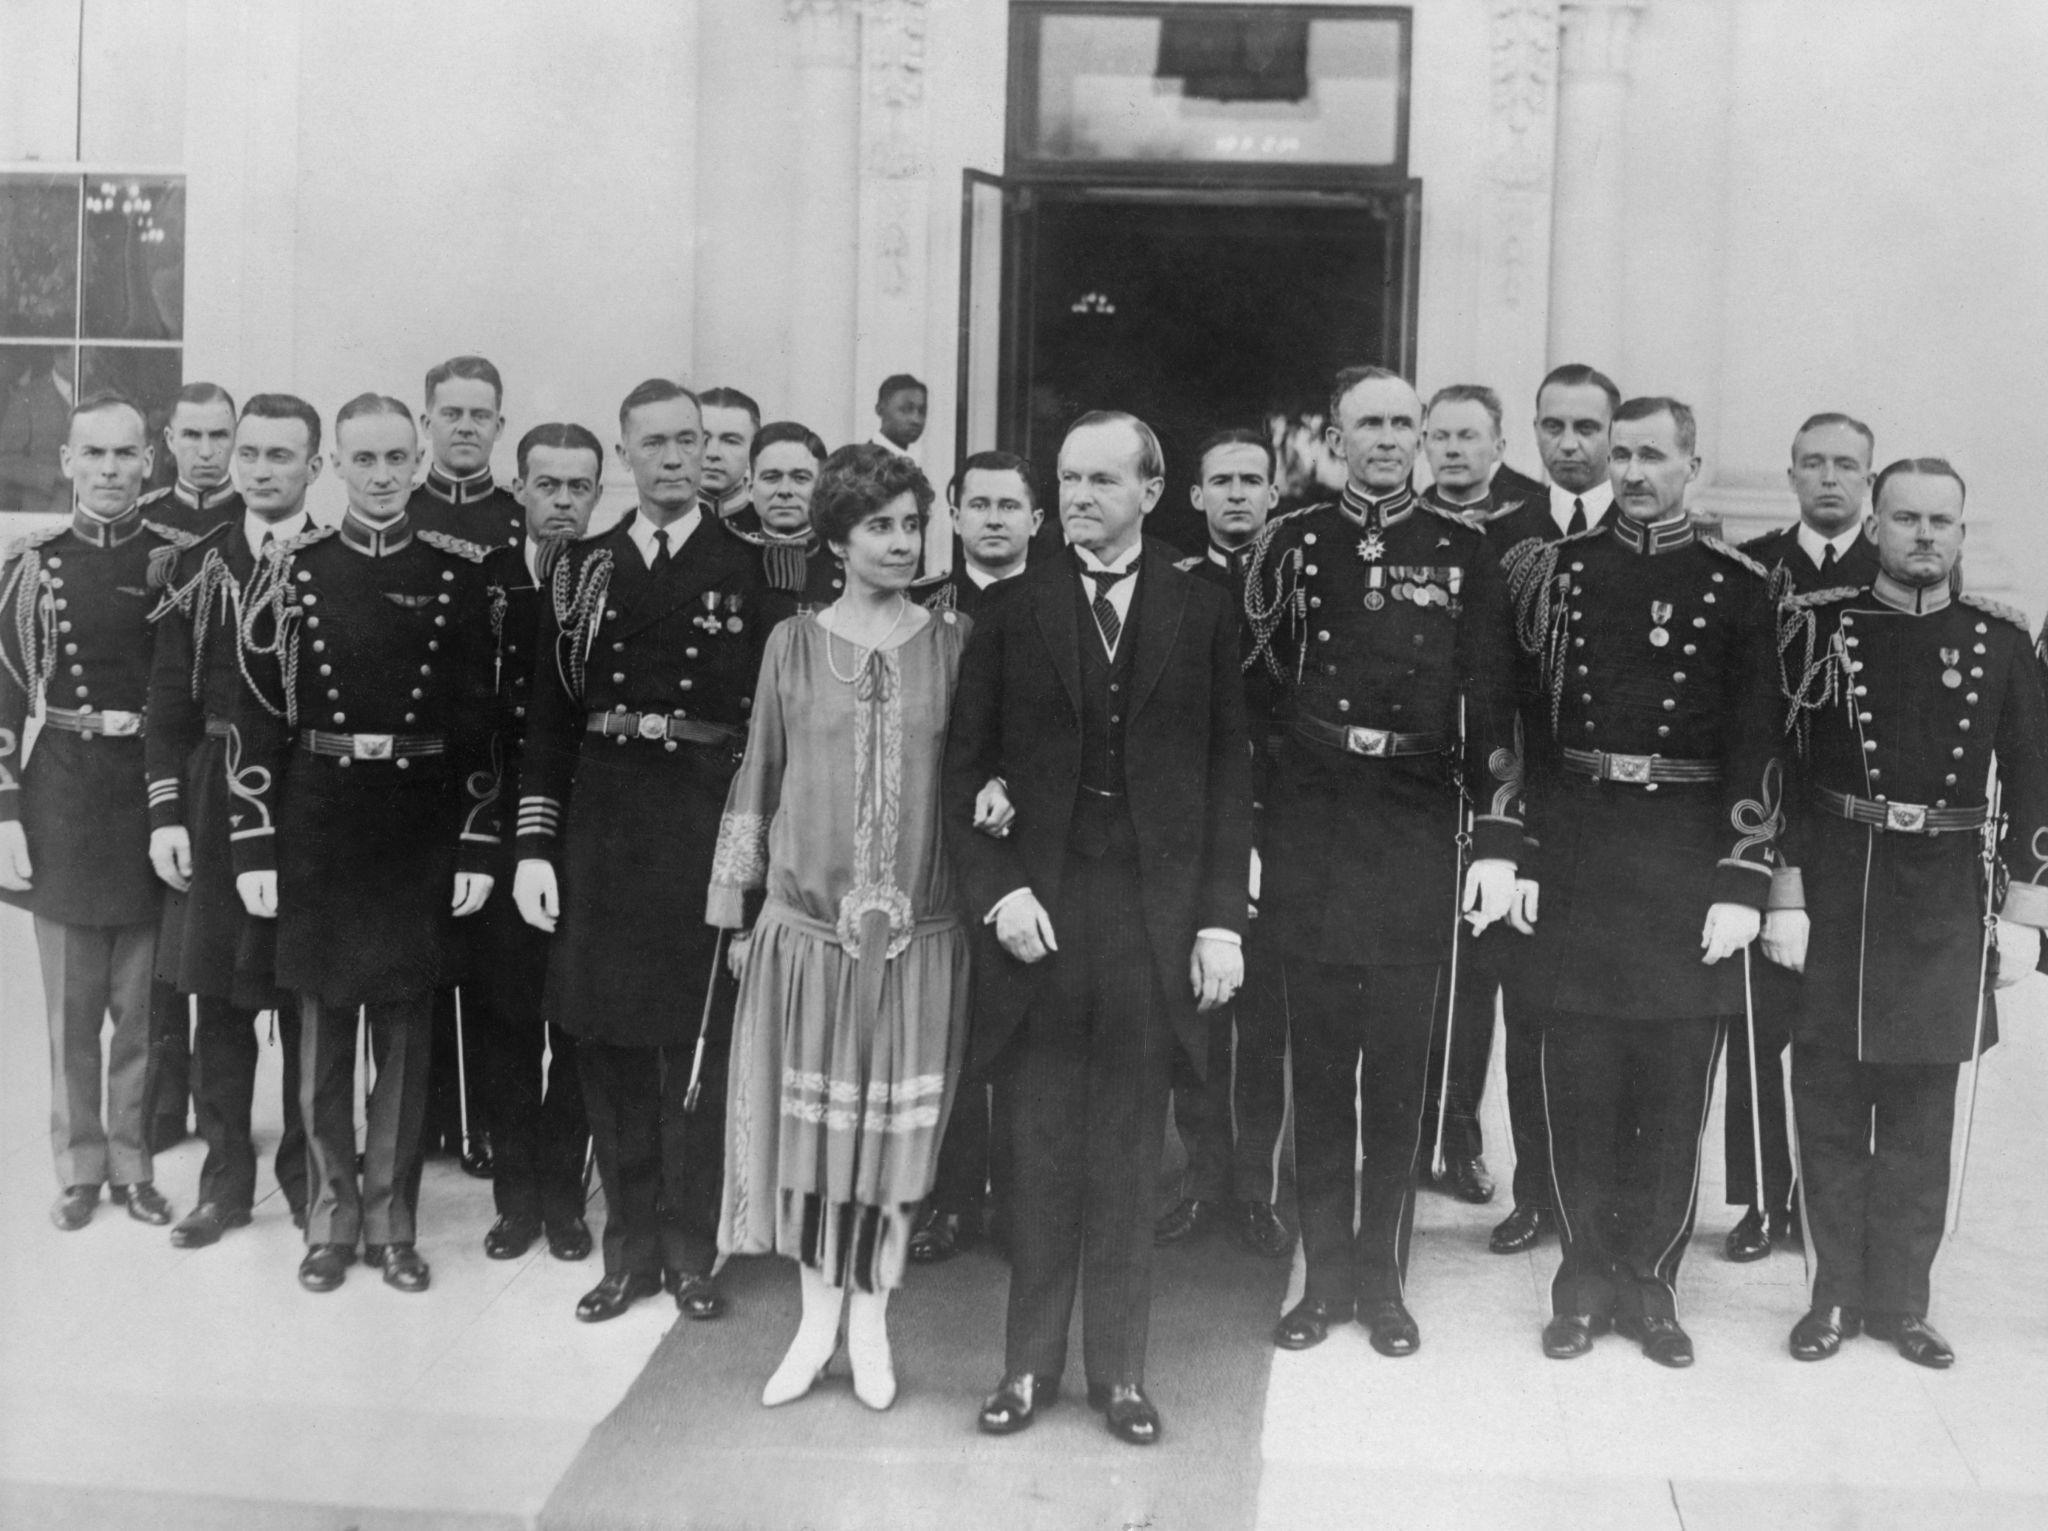 1927. Американский президент Келвин Кулидж и его жена Грейс  желают американцам счастливого Нового года у входа в Белый дом, 1 января.jpg